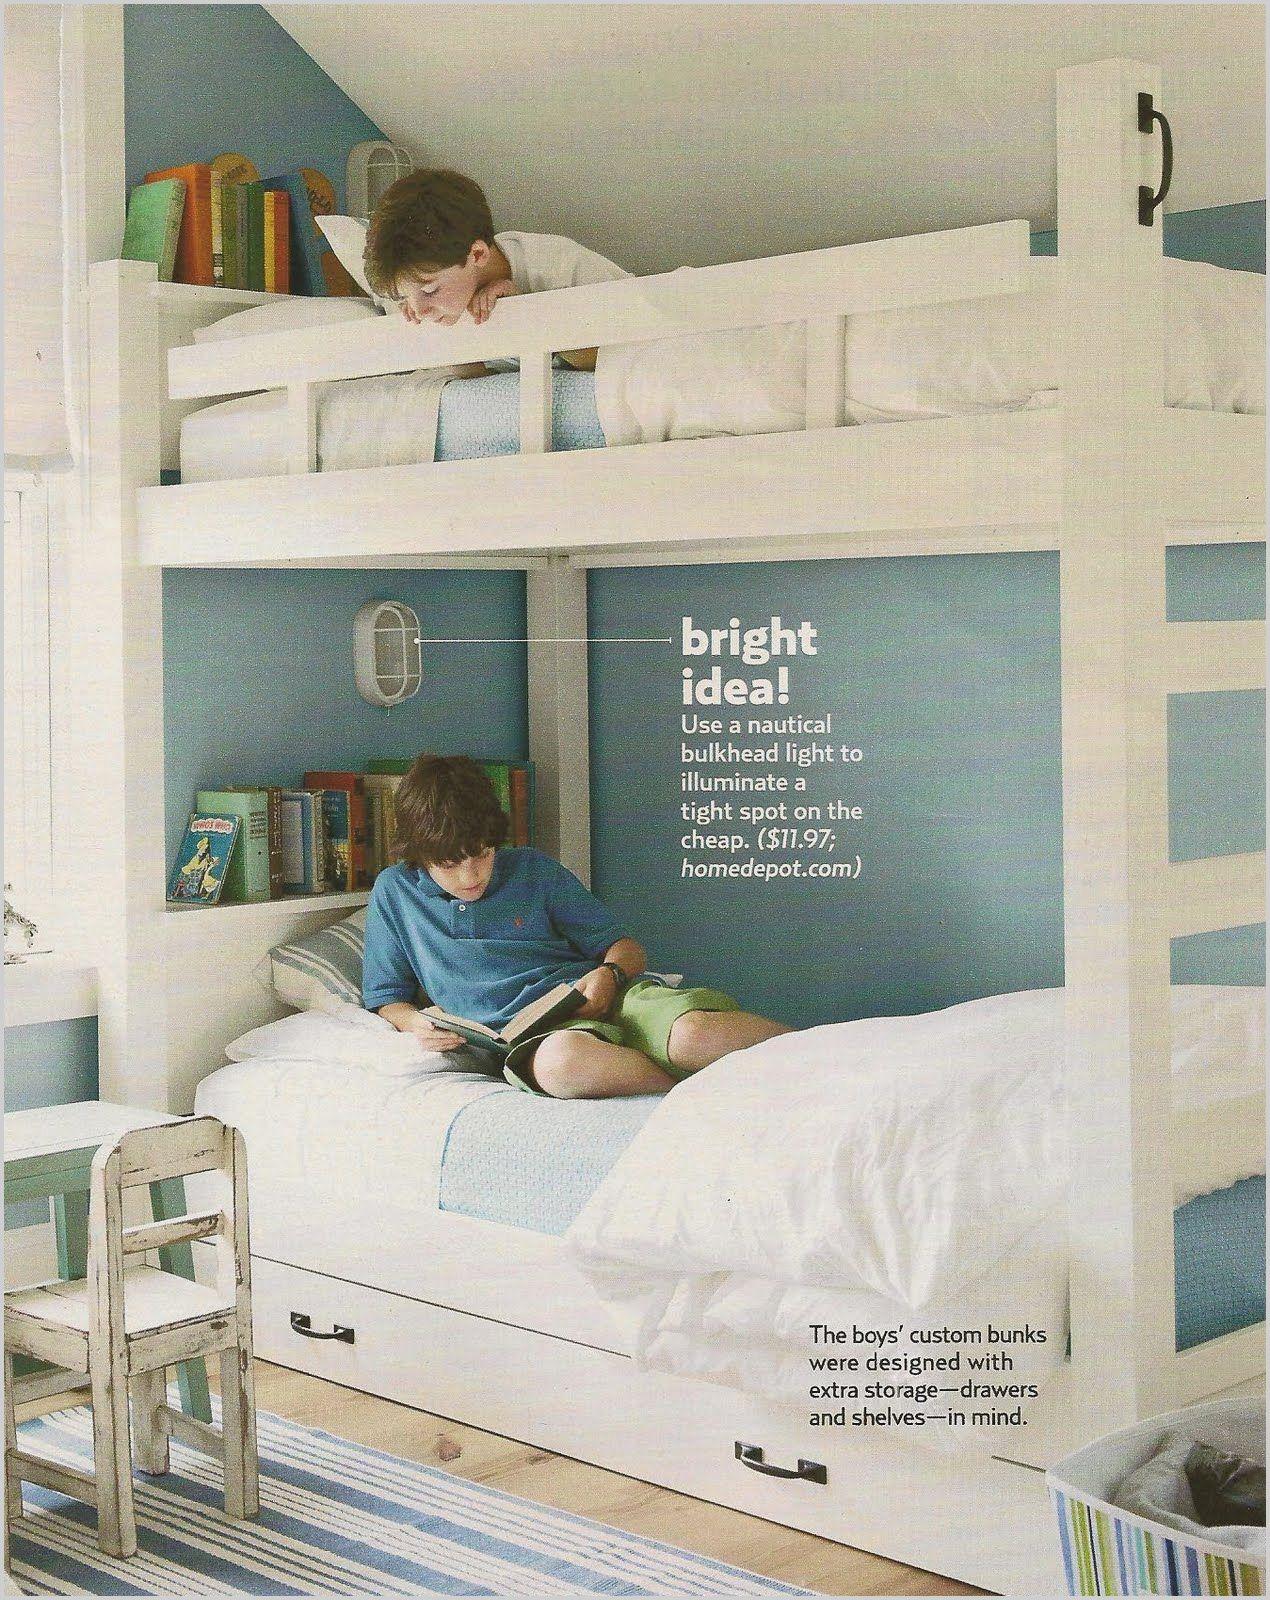 Childrens Bedroom Decor Ideas Uk In 2020 Custom Bunk Beds Bunk